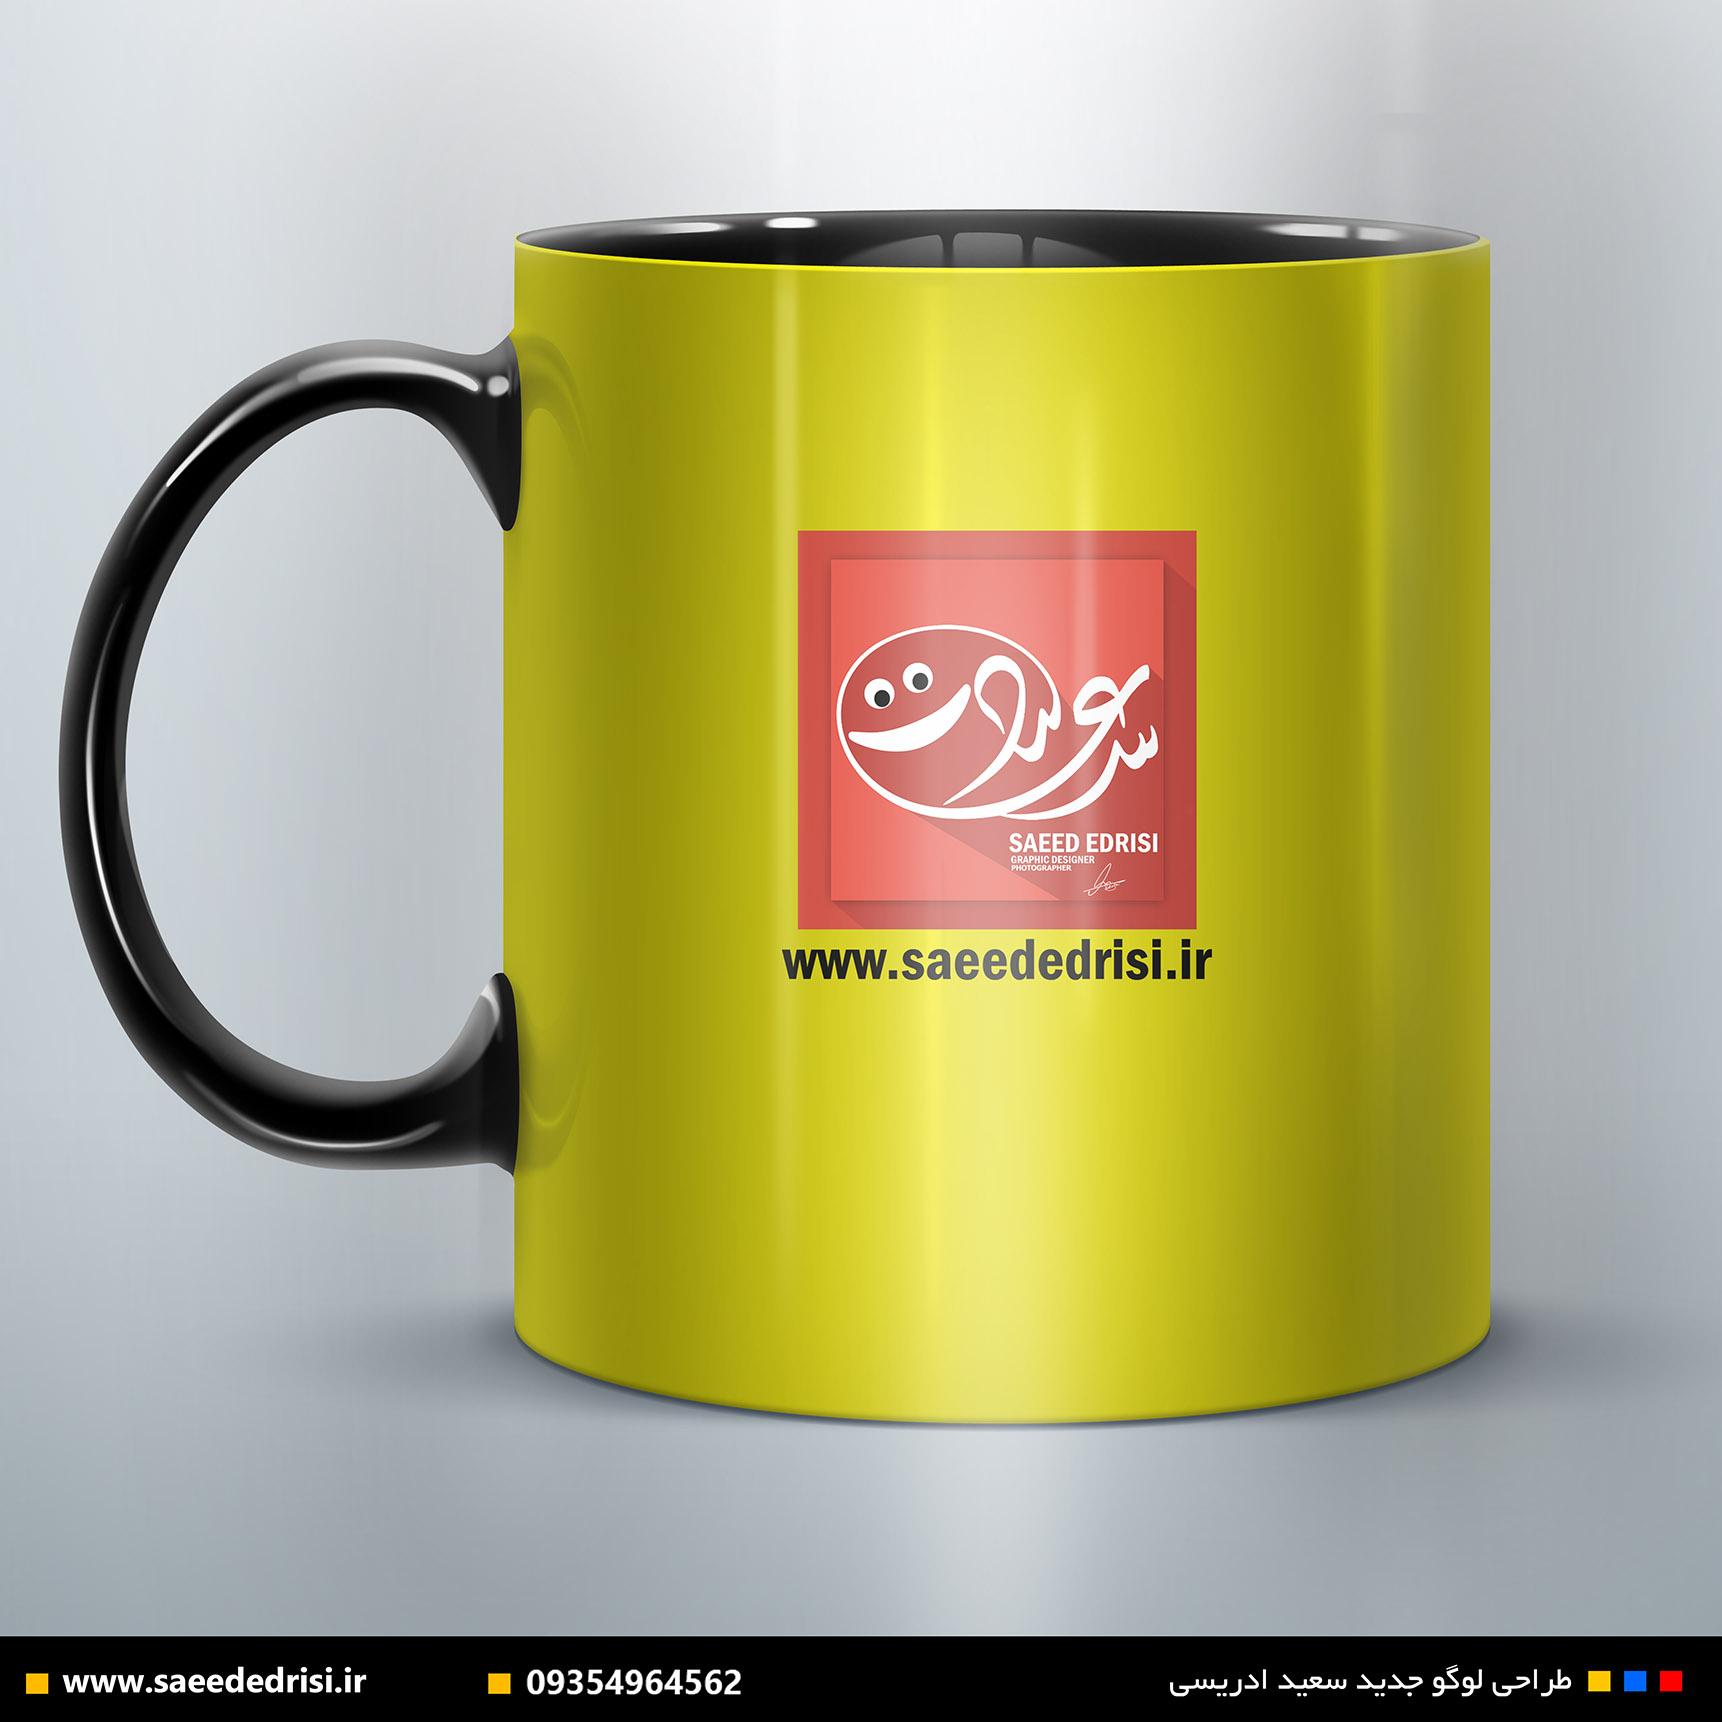 طراحی لوگو جدید سعید ادریسی :: وبلاگ شخصی سعید ادریسیطراحی لوگو جدید سعید ادریسی